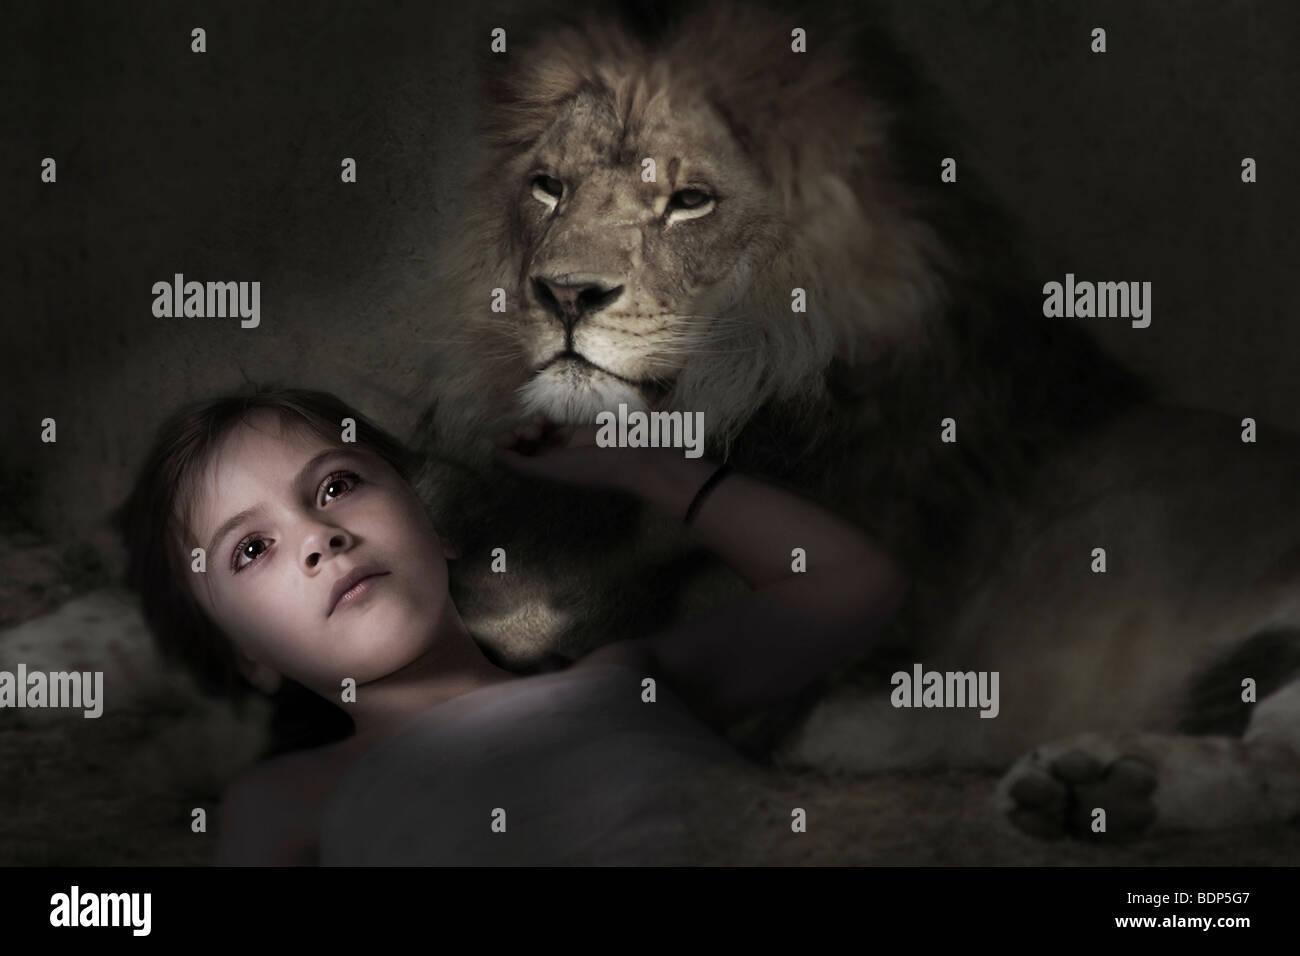 Enfant couché avec un lion dans un endroit sombre et la lumière qui brille sur son visage. Photo Stock